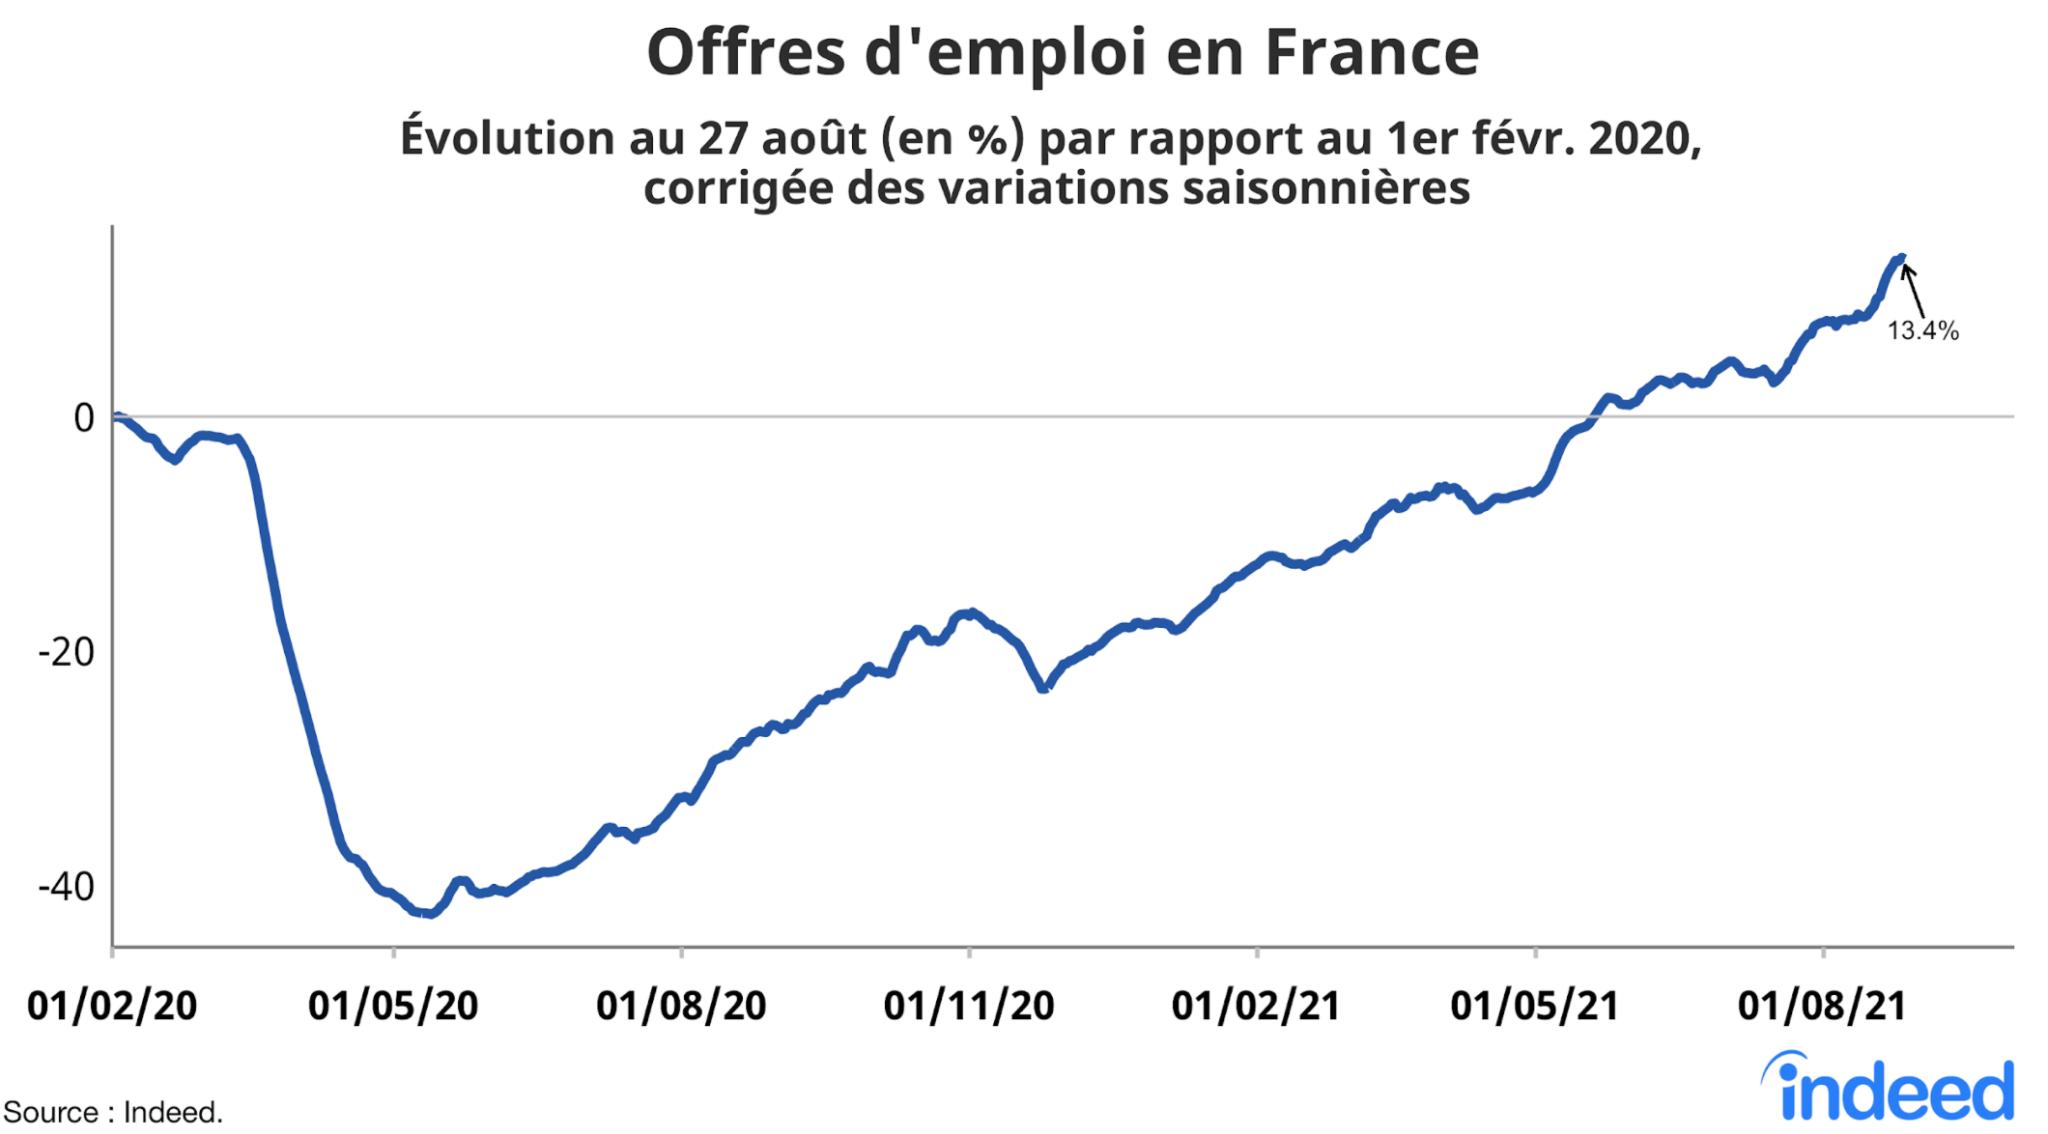 Le graphique en courbes illustre l'évolution en pourcentage des offres d'emploi en France au 27 août 2021